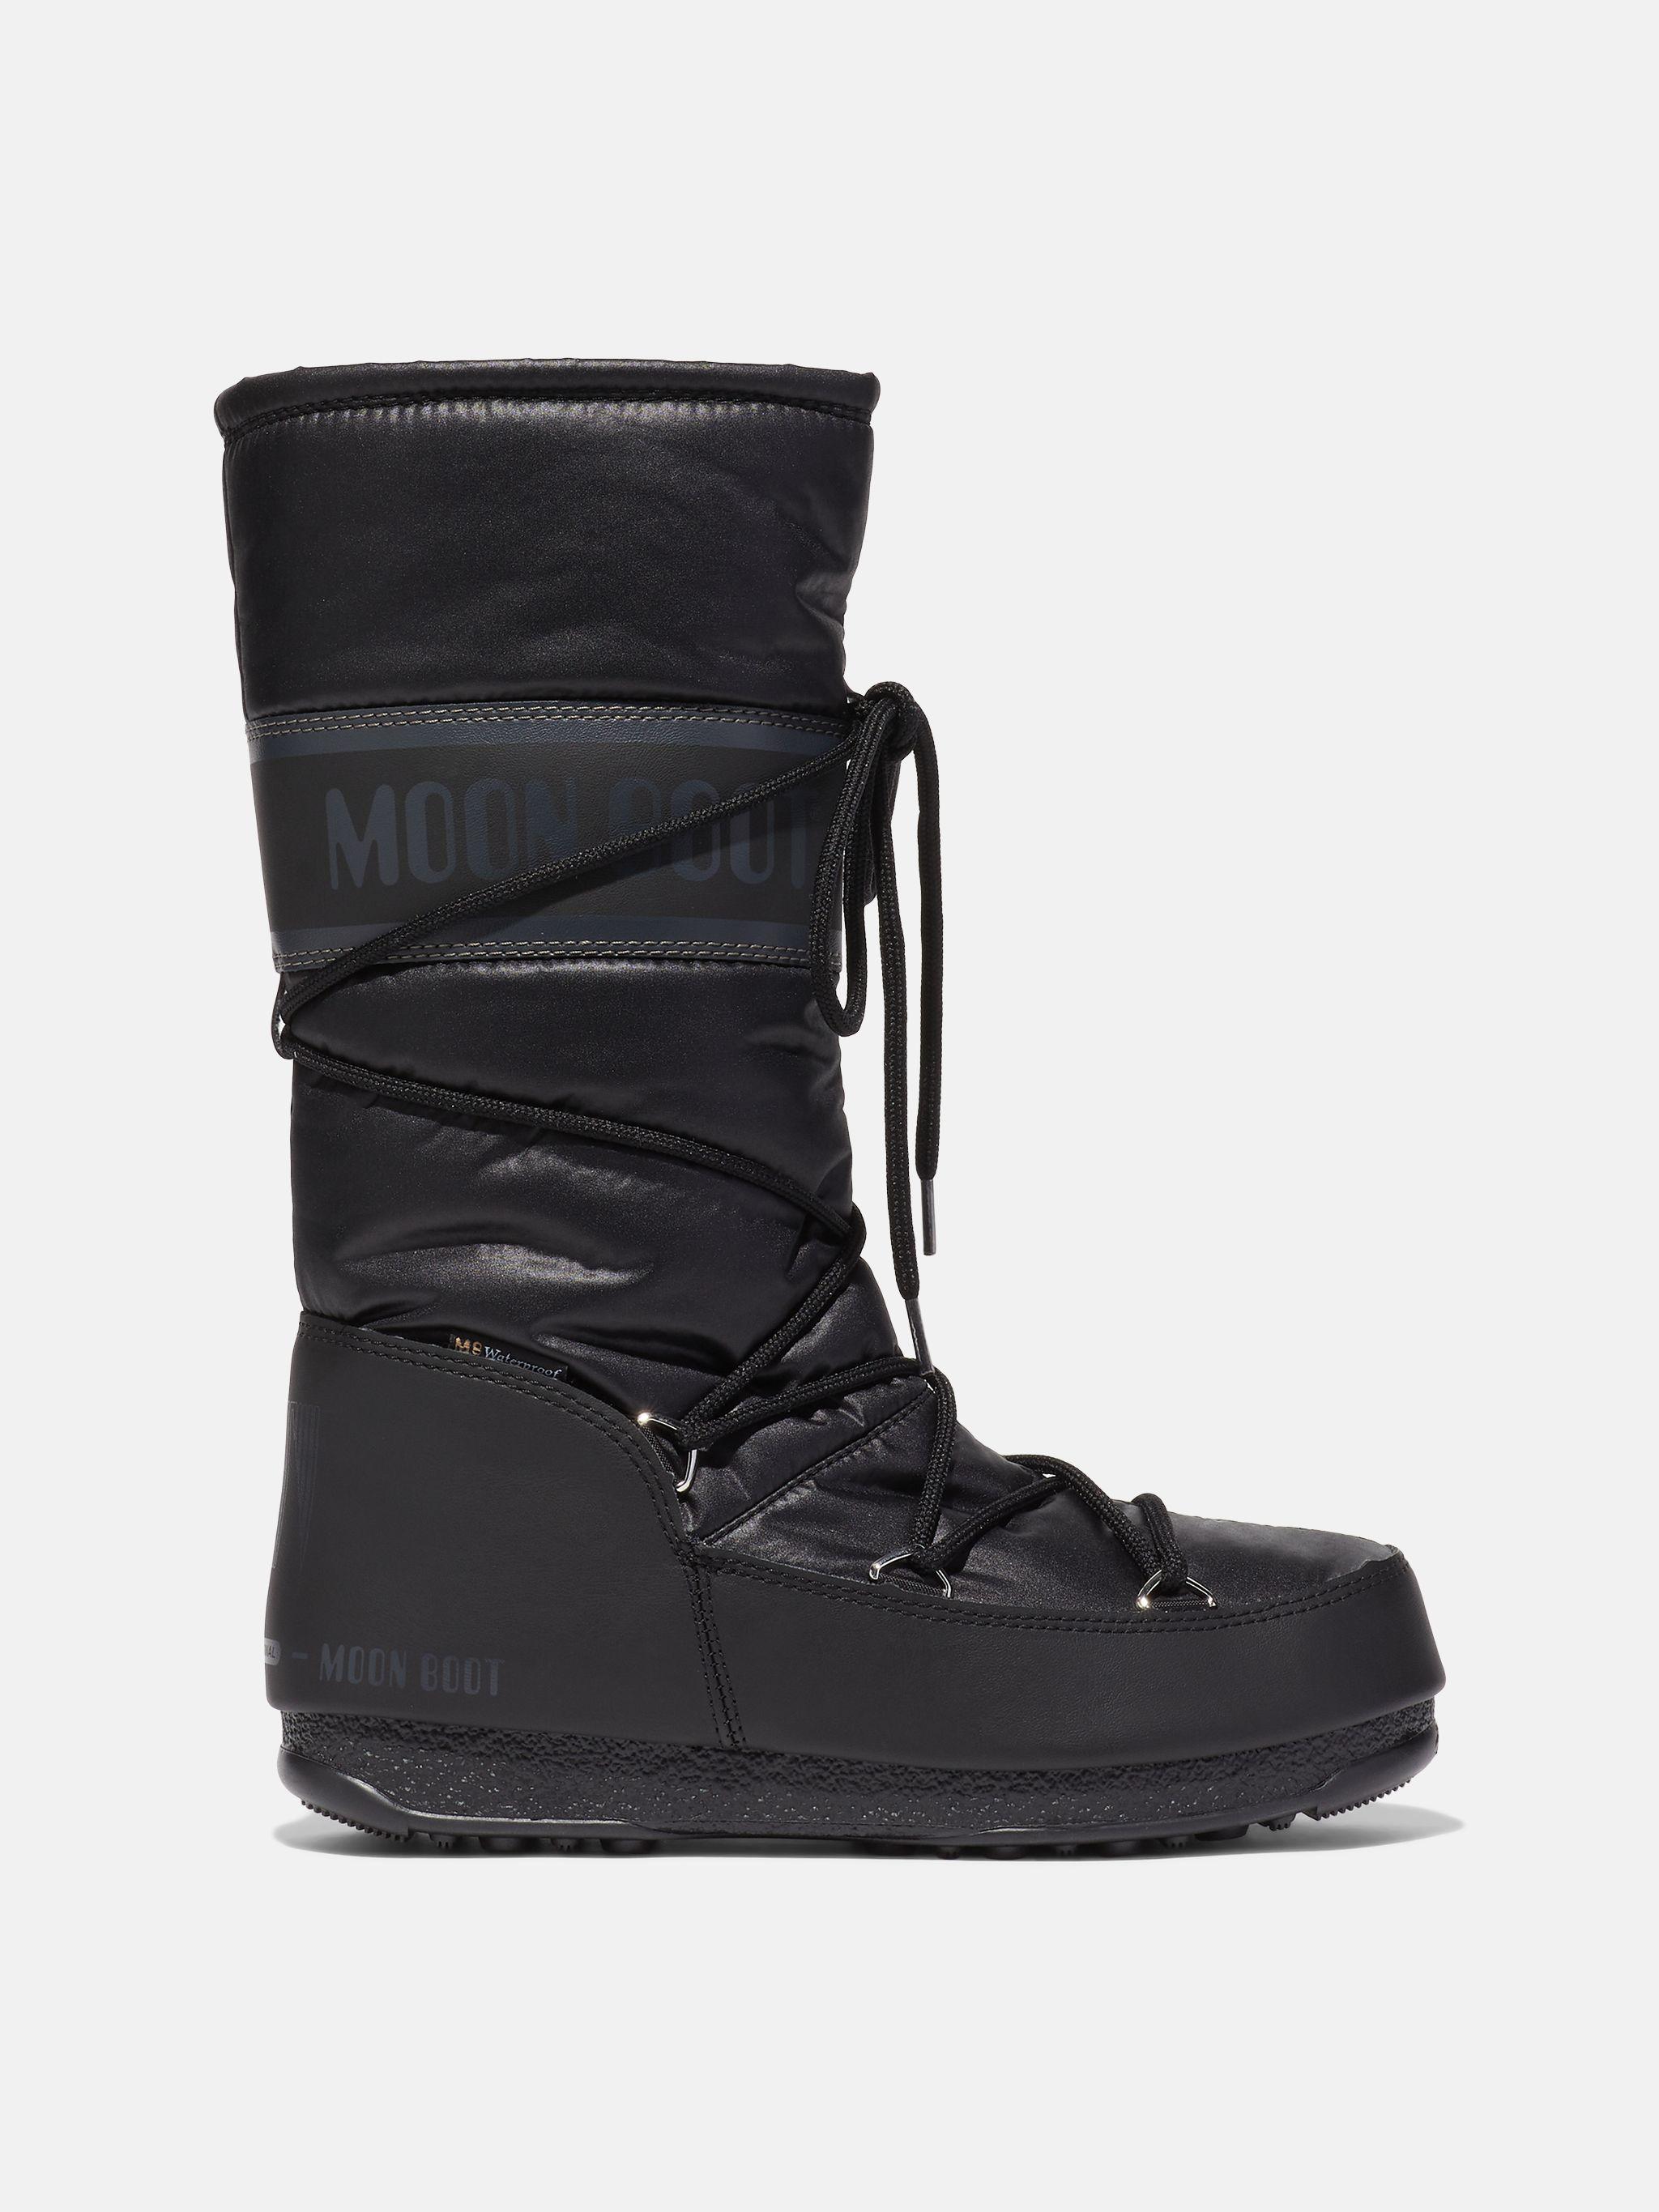 PROTECHT HI-TOP BLACK BOOTS